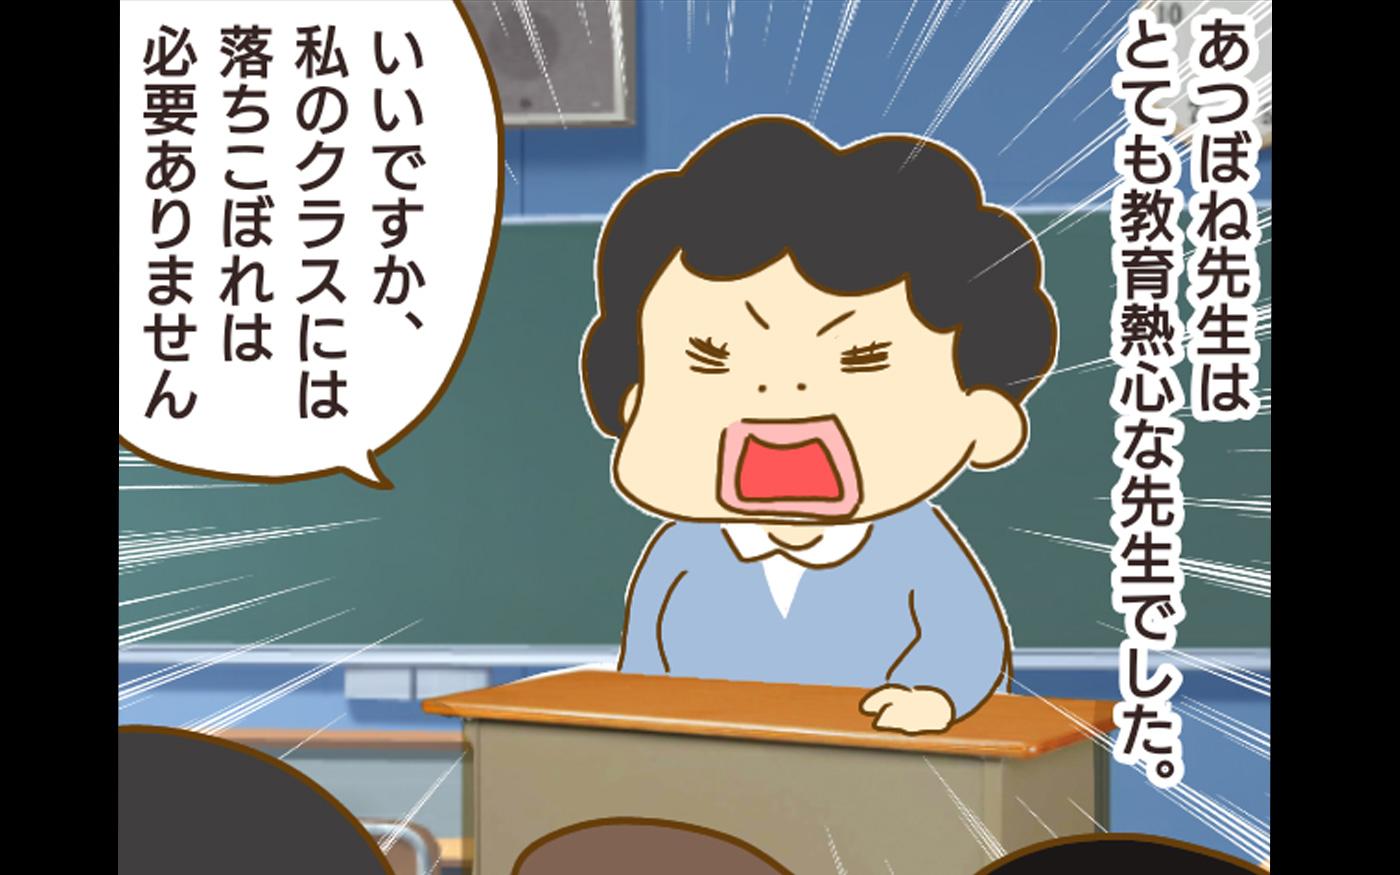 「私のクラスに落ちこぼれは必要ナシ!」  大量の宿題に保護者からも疑問の声